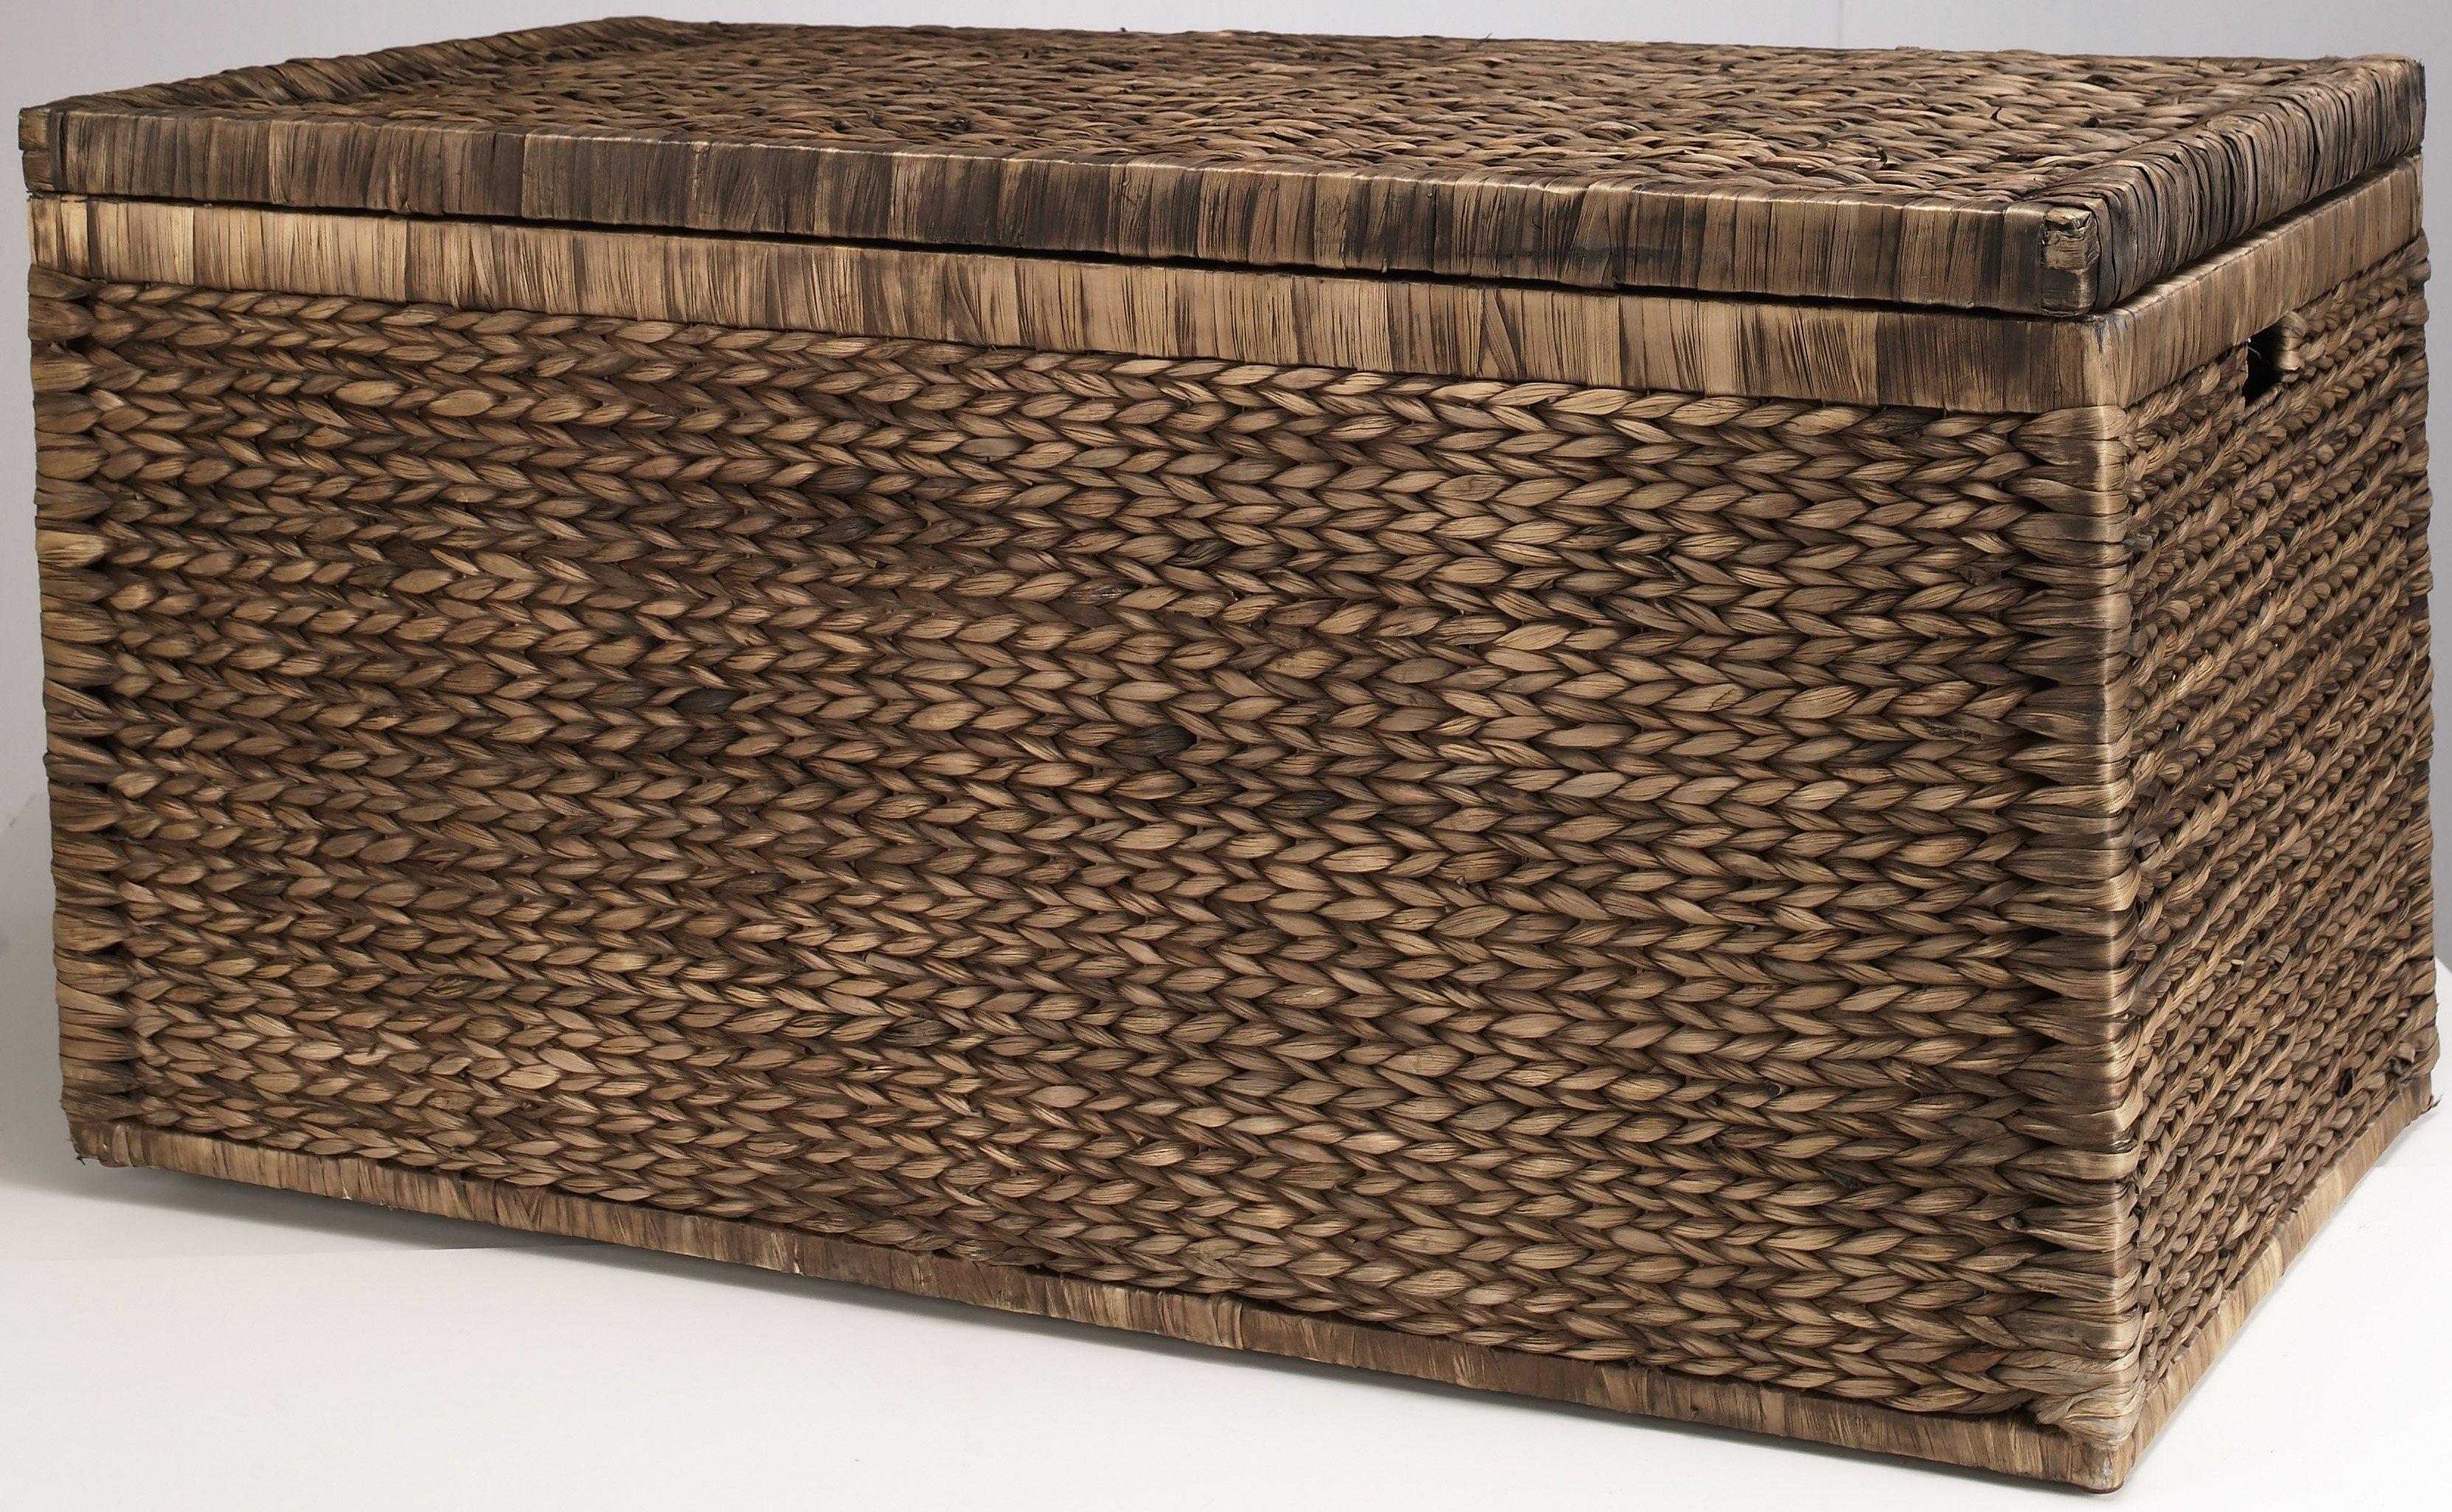 Home affaire Truhe Innen mit Baumwolle bespannt | Wohnzimmer > Truhen | Stoff | Home affaire